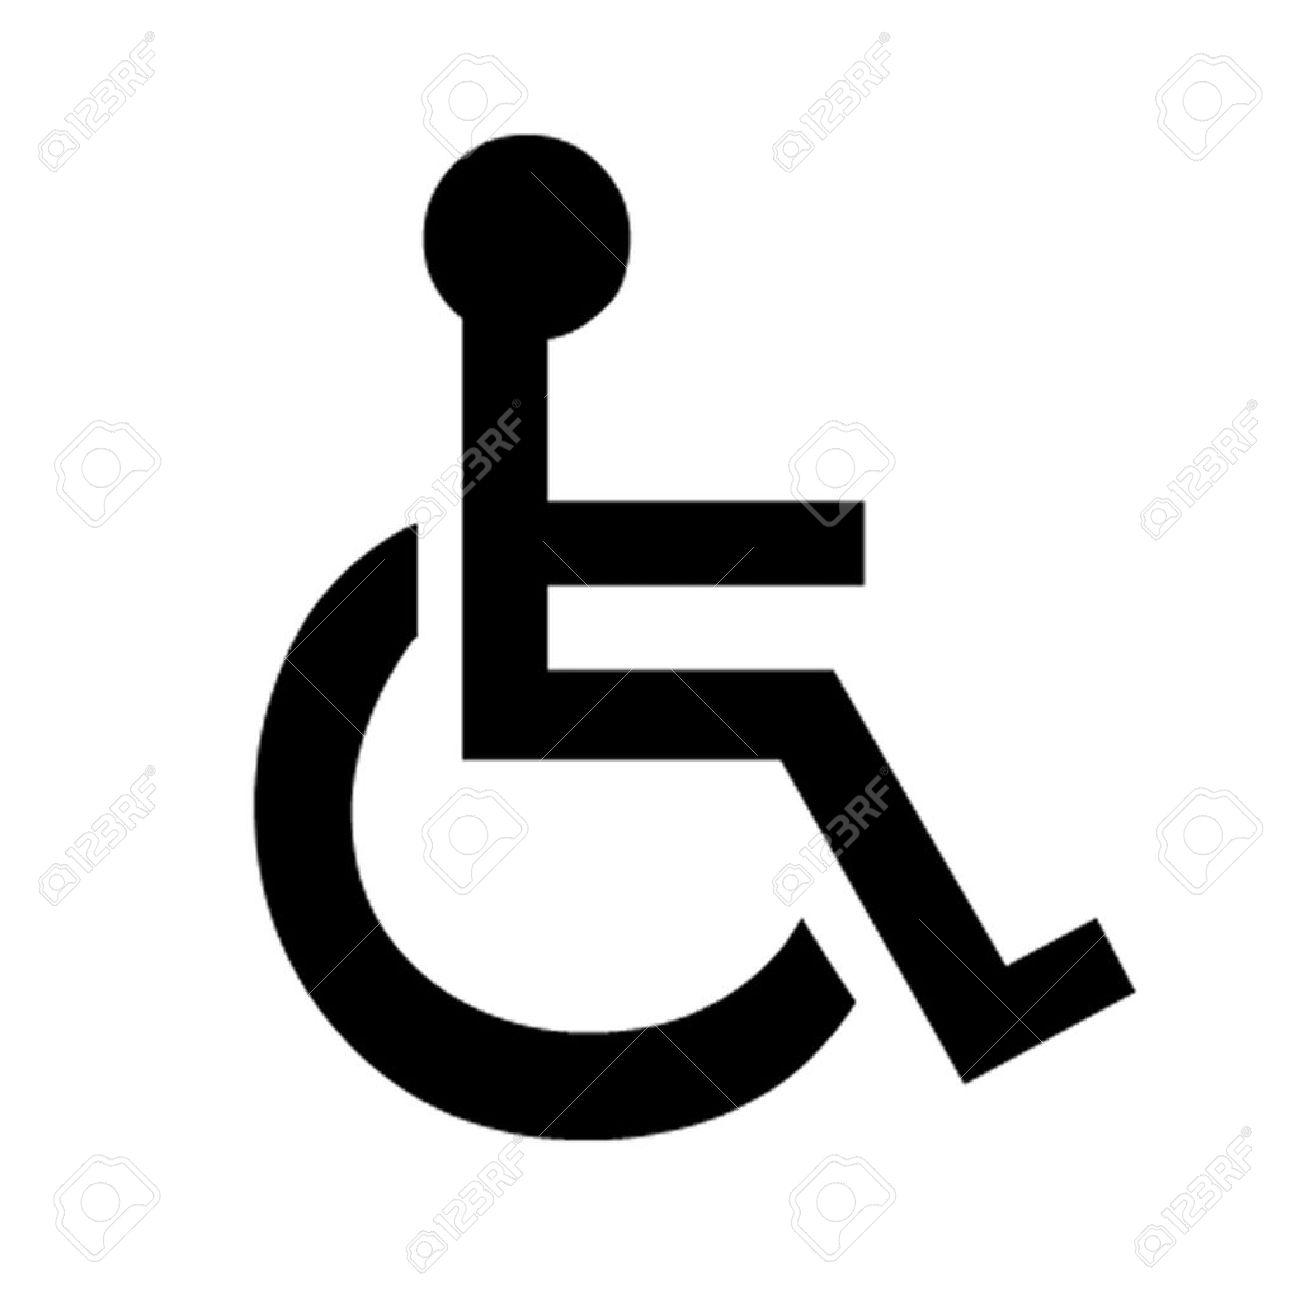 De Discapacitados Sillas Ruedas Para Símbolo 76gIyvYfbm